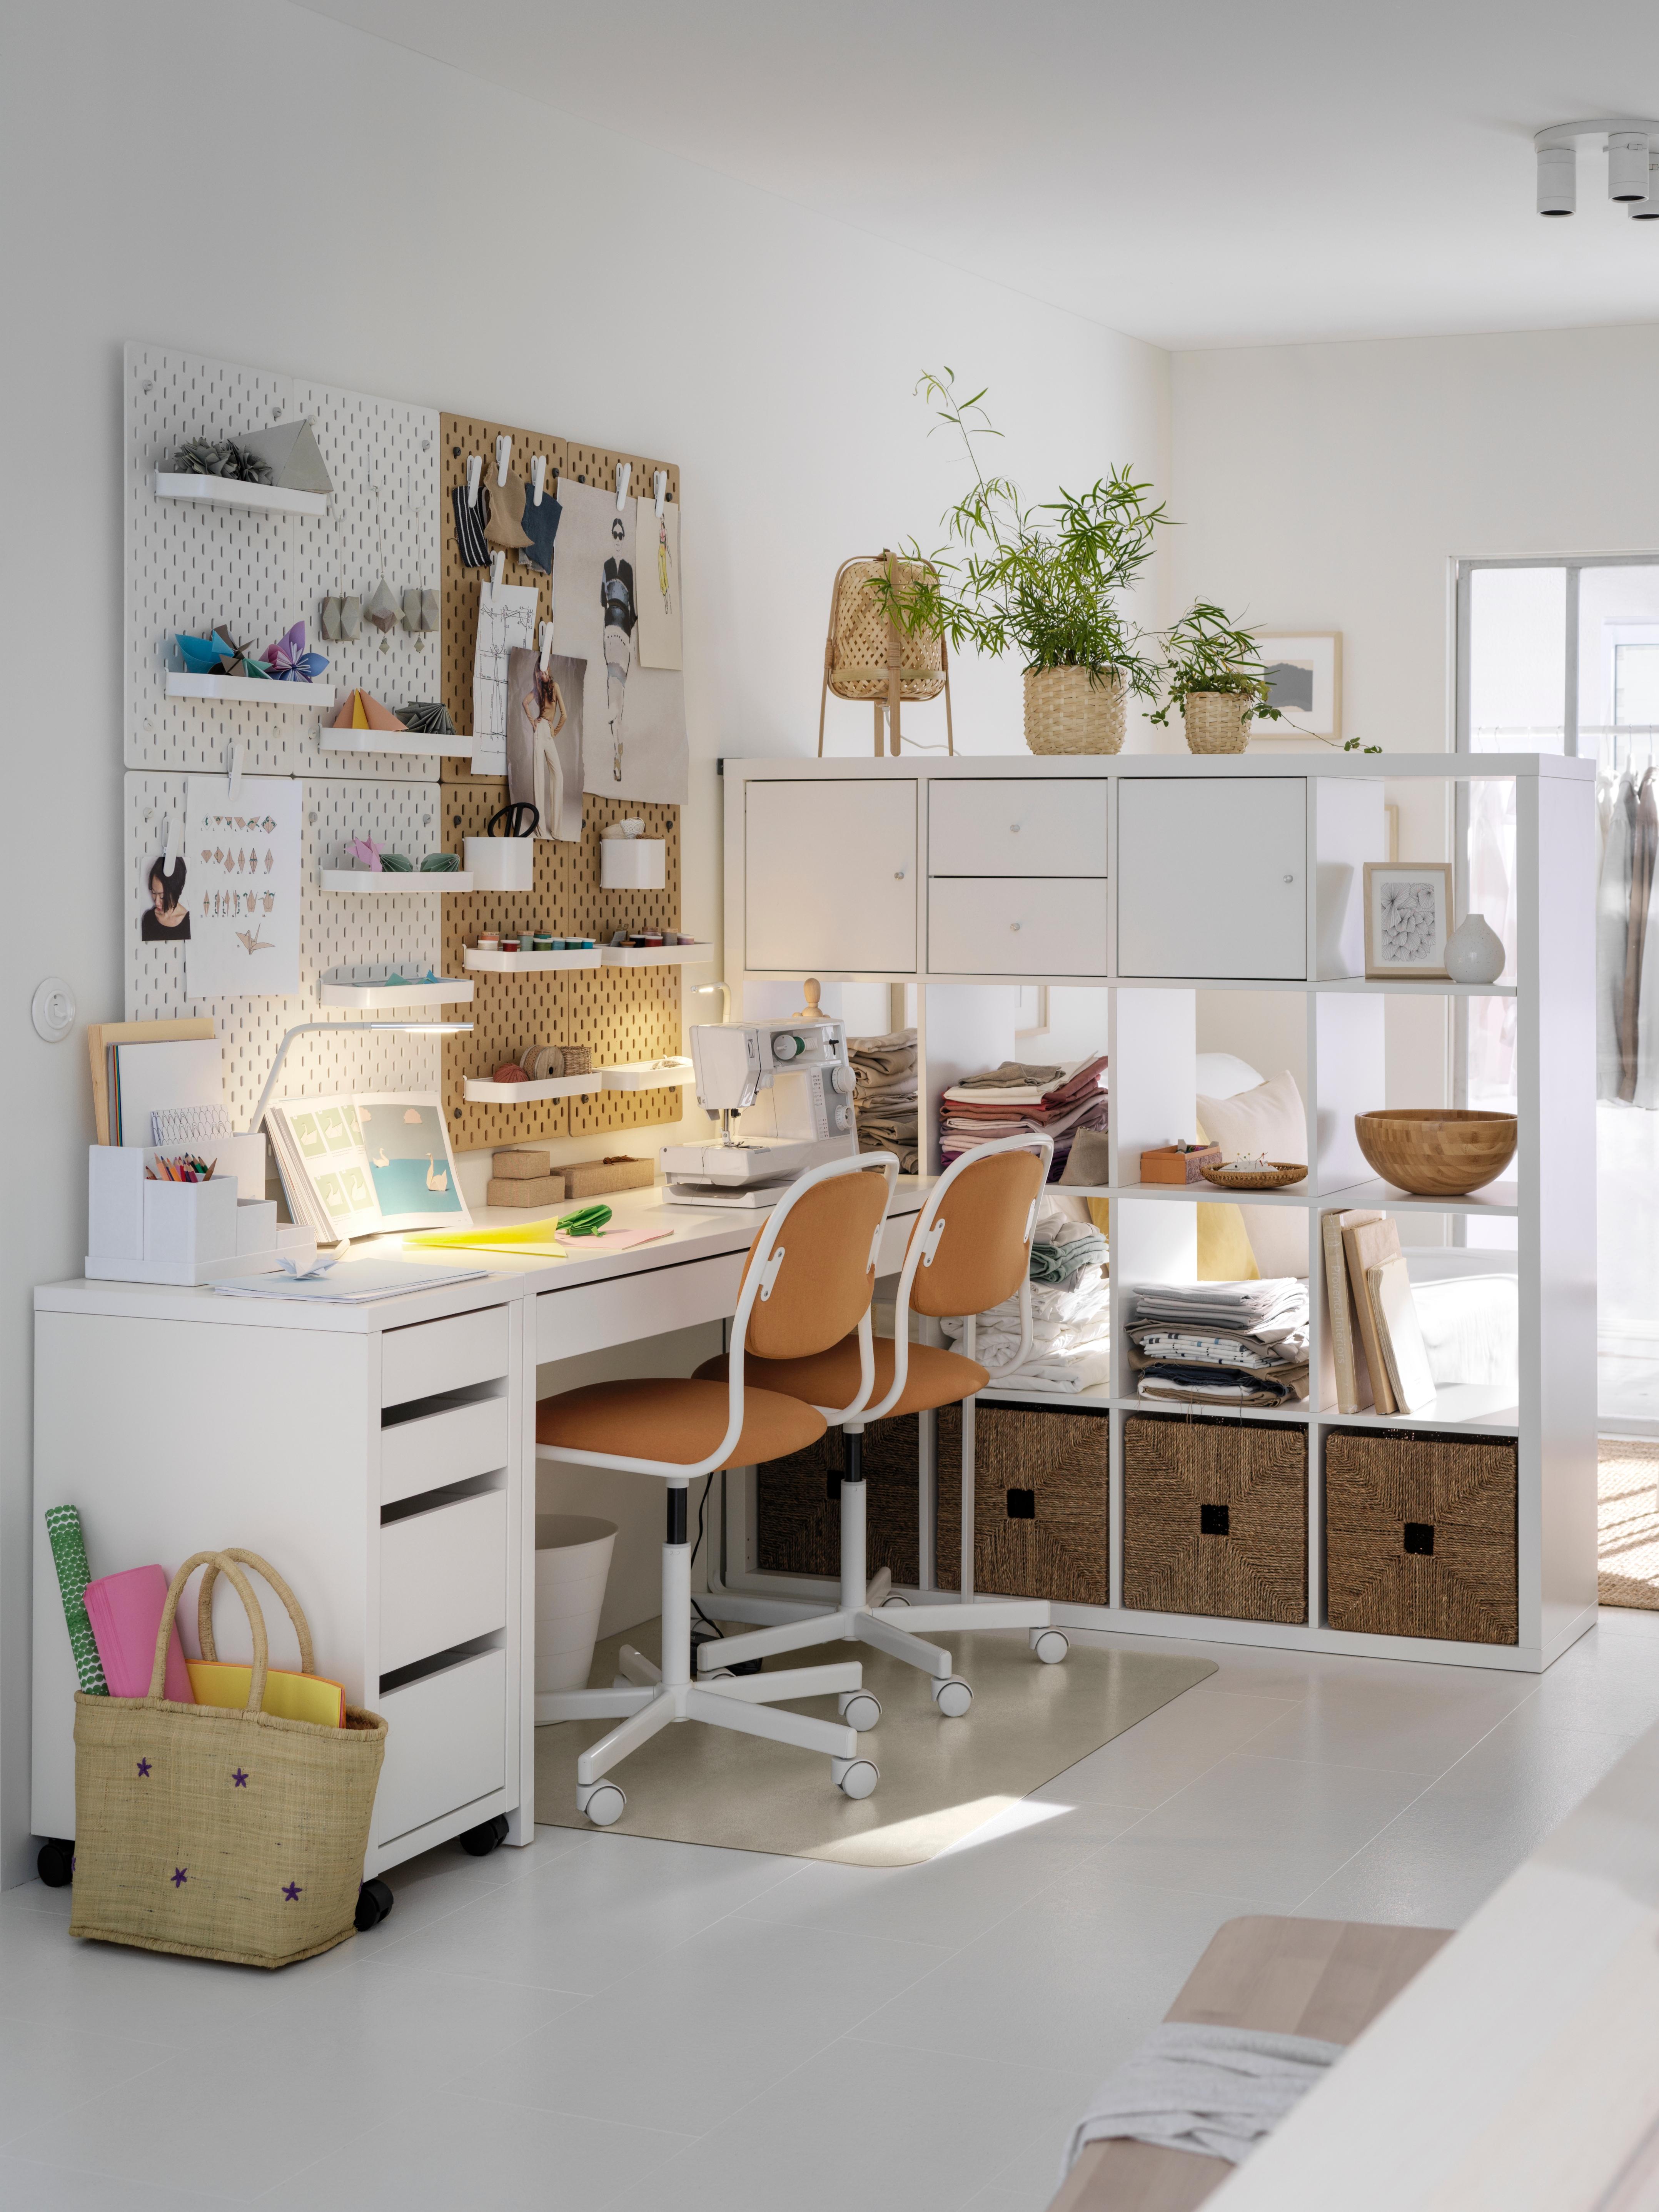 Белый письменный стол MICKE МИККЕ расположен между подходящей к нему тумбой с ящиками на колесах и стеллажом, разделяющим комнату. Возле письменного стола стоят два стула.